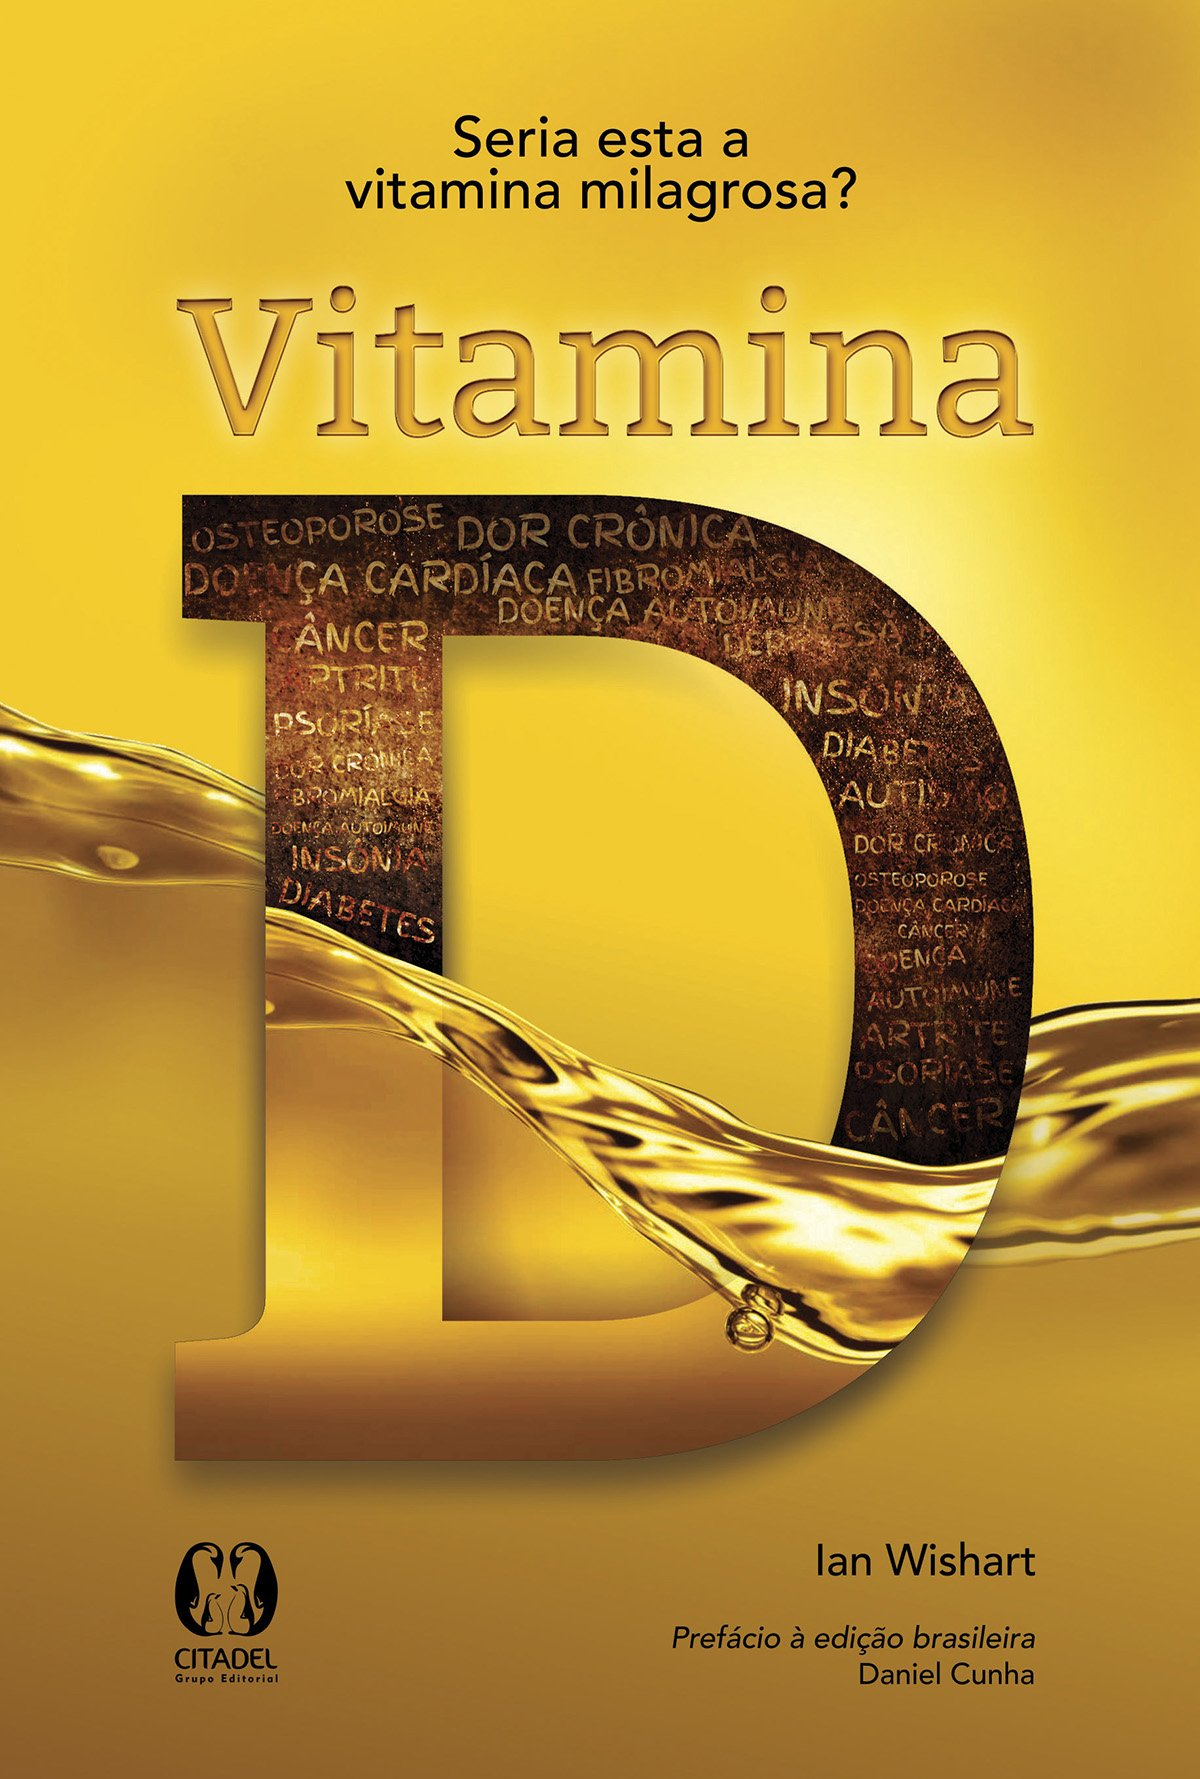 Vitamina D: Seria Esta a Vitamina Poderosa?: Ian Wishart: 9788568014172: Amazon.com: Books